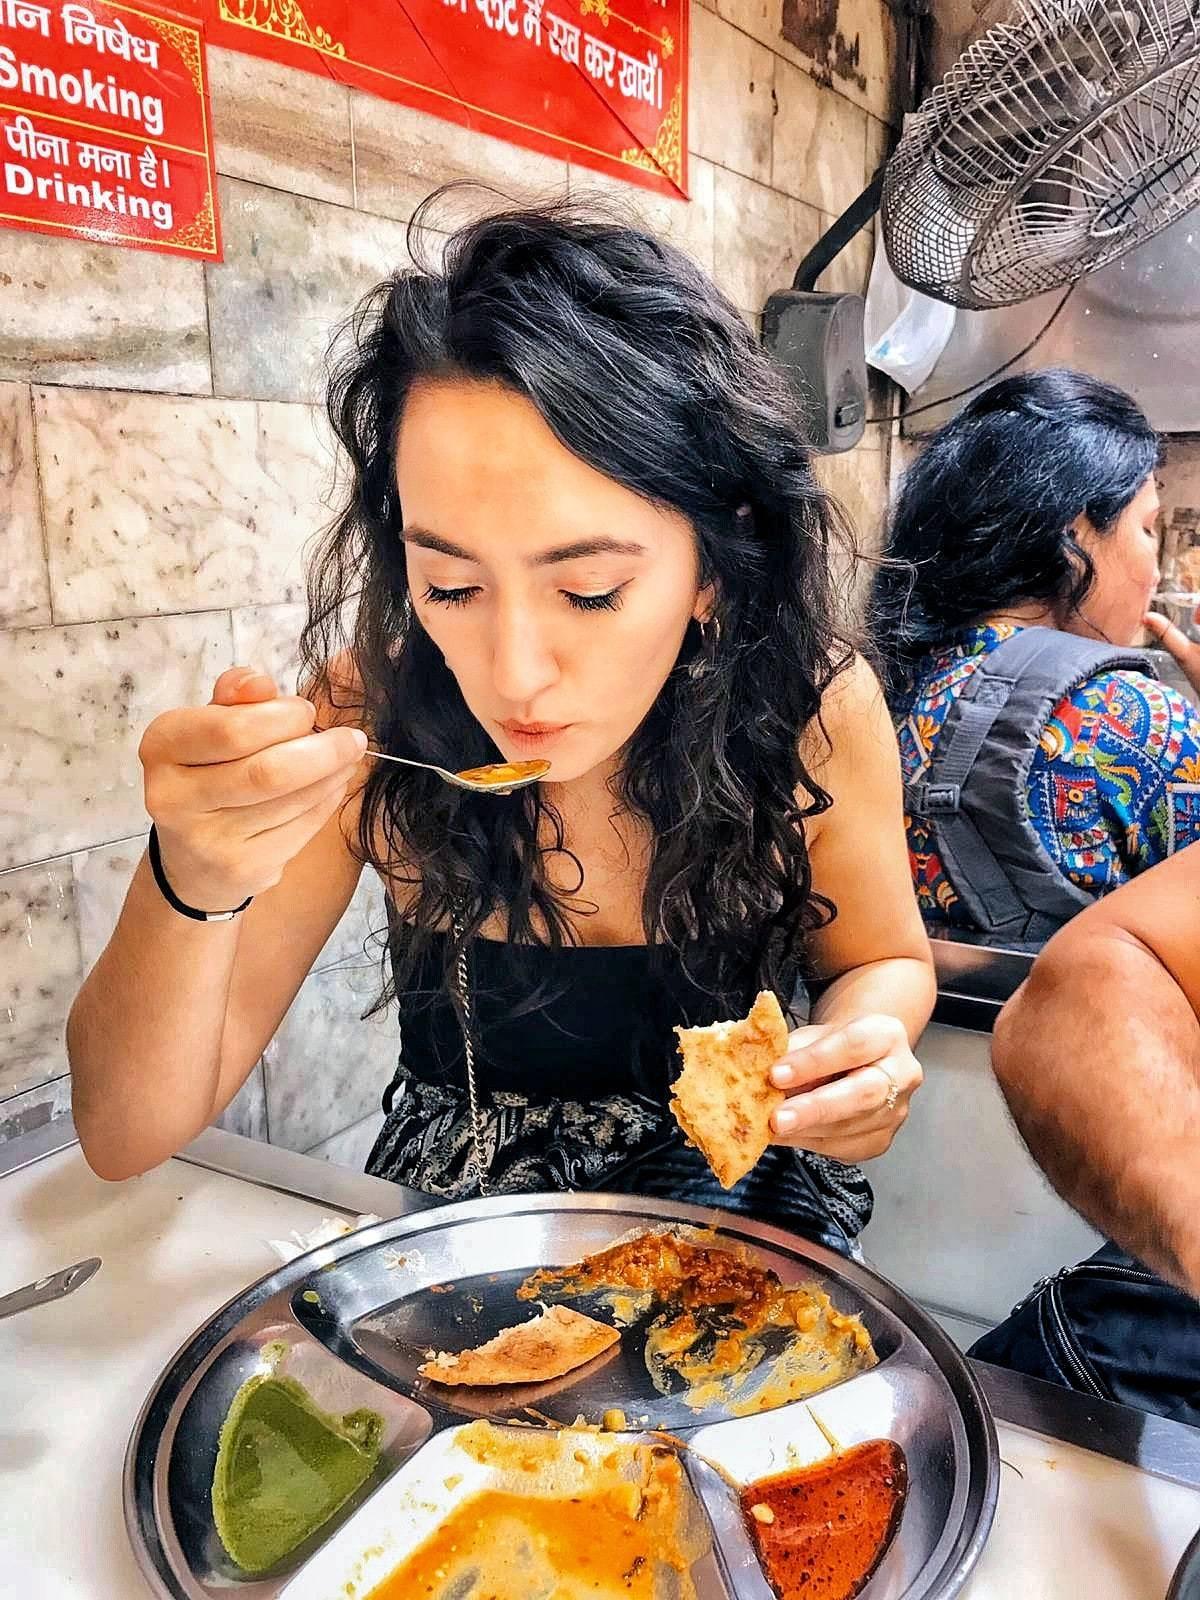 Food Walk Through Old Delhi